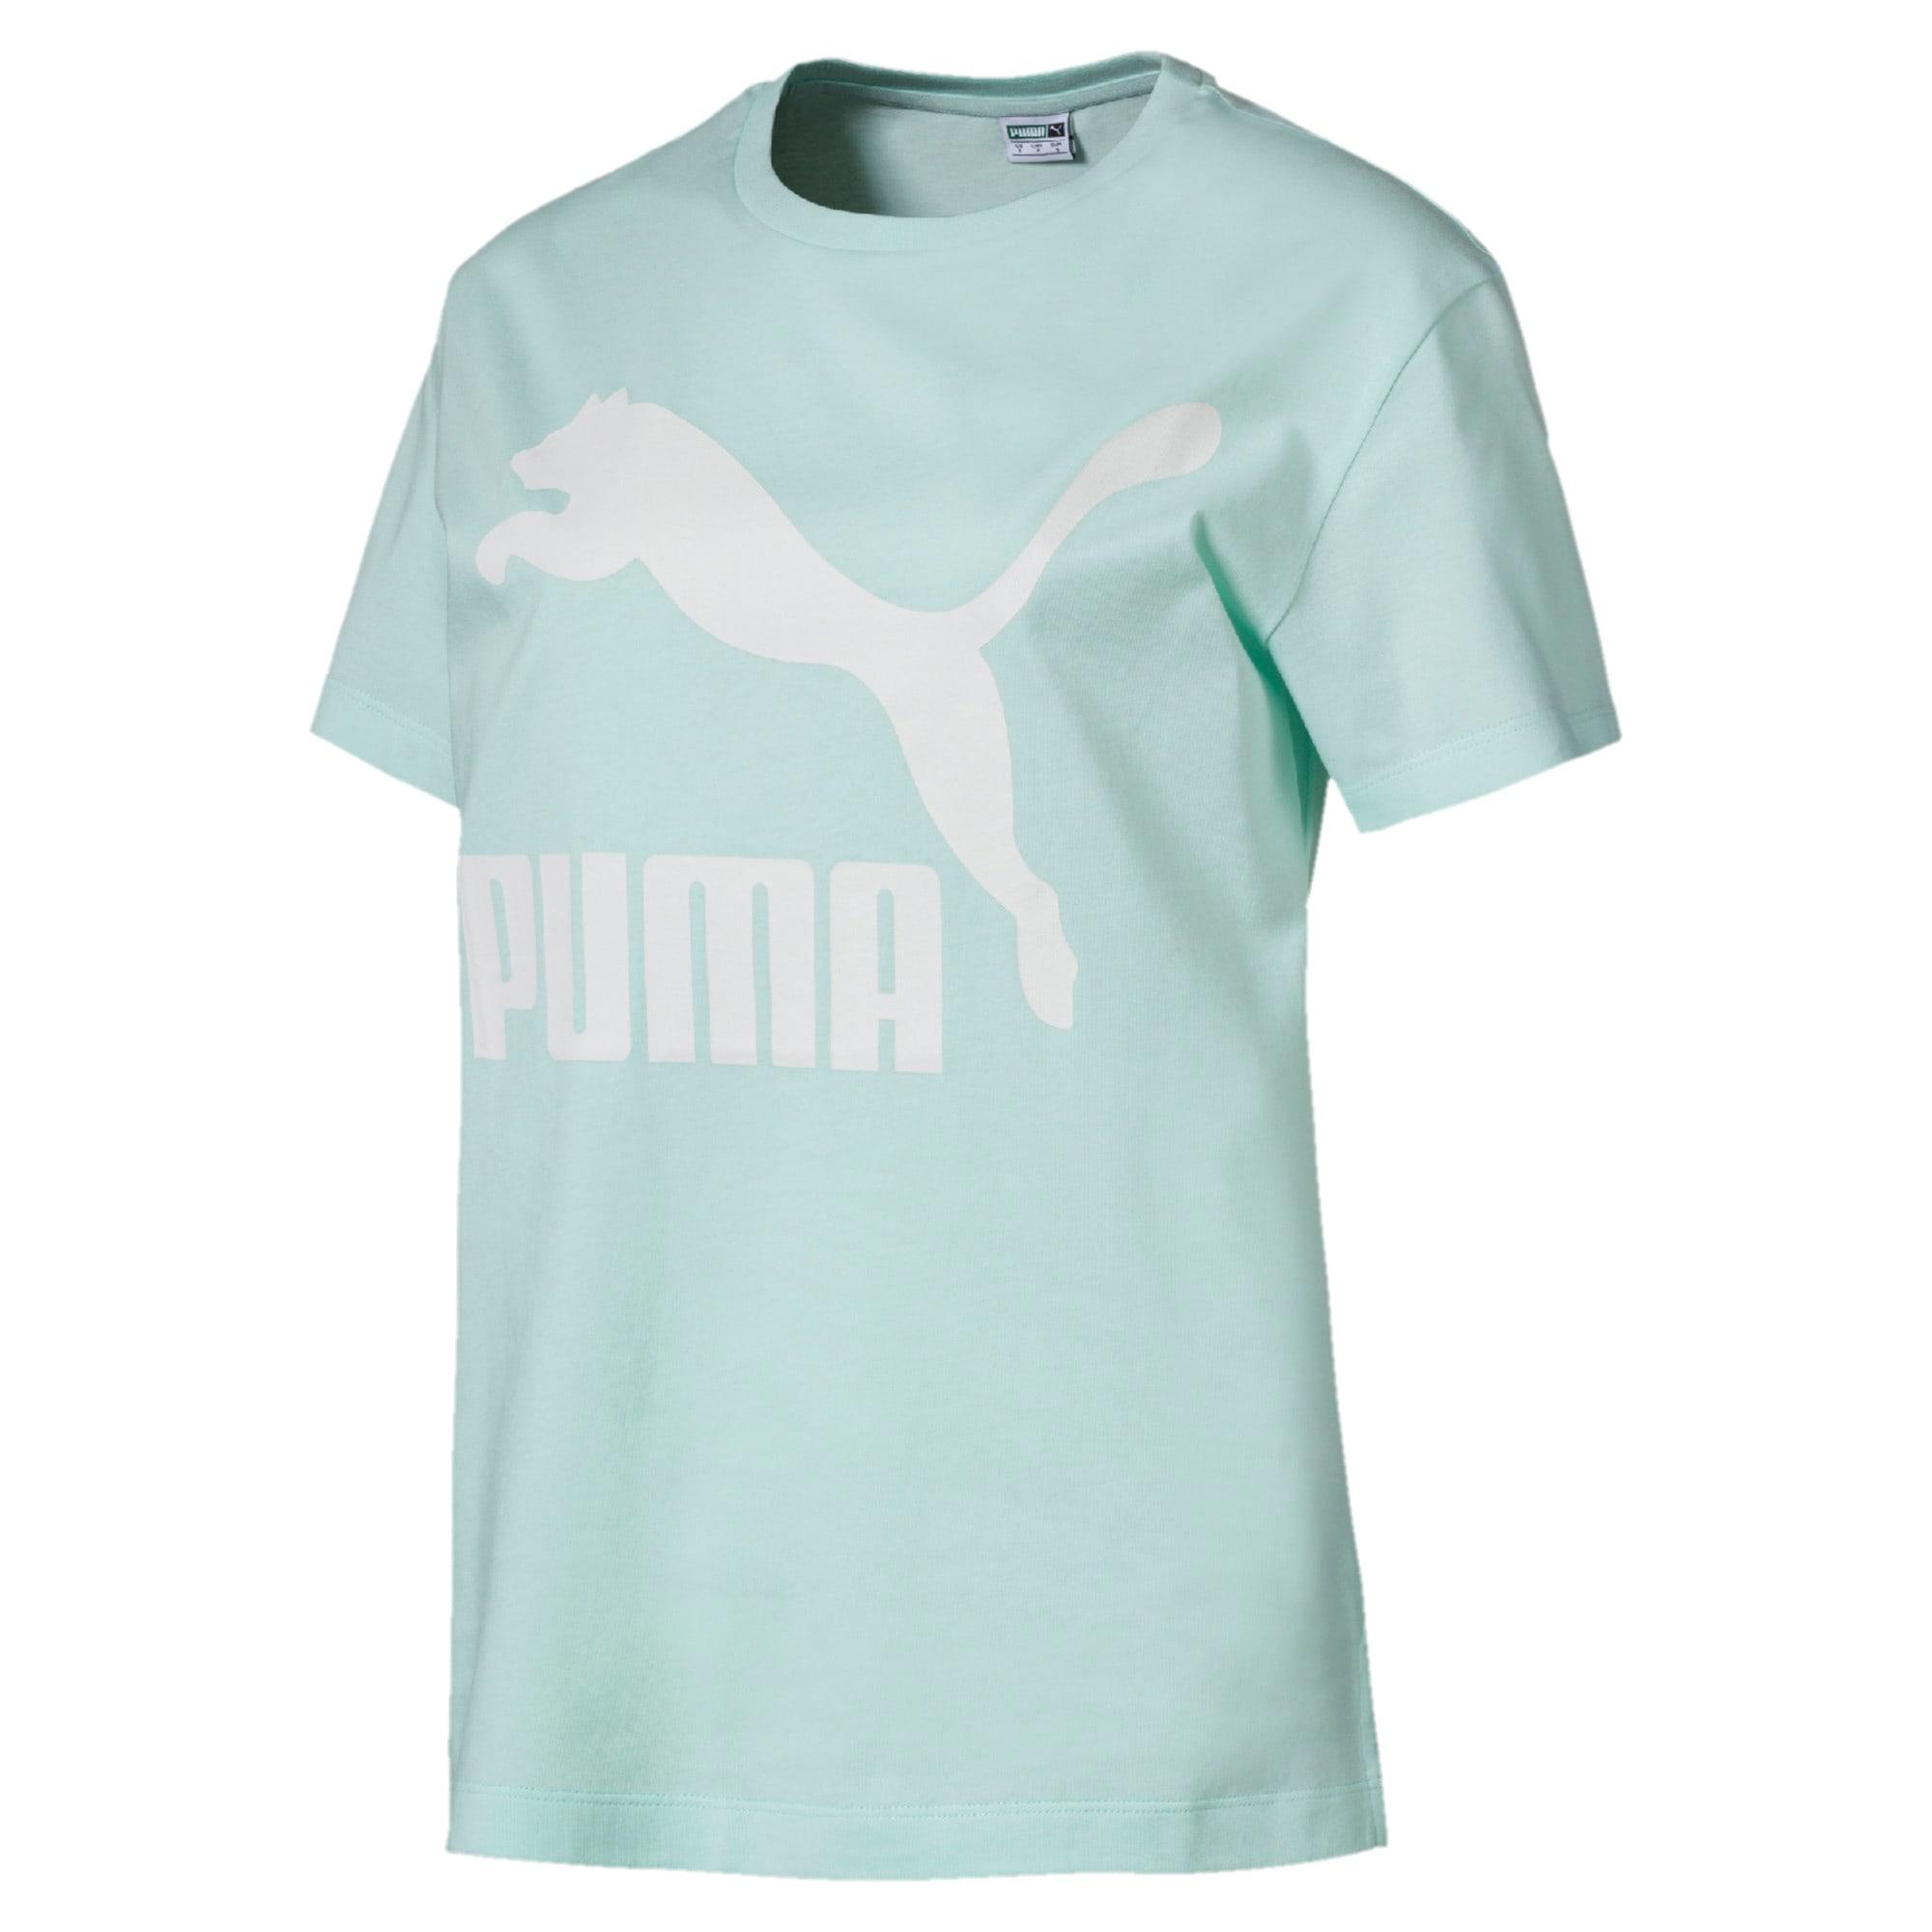 Thumbnail 1 of CLASSICS ロゴ ウィメンズ SS Tシャツ 半袖, Fair Aqua, medium-JPN